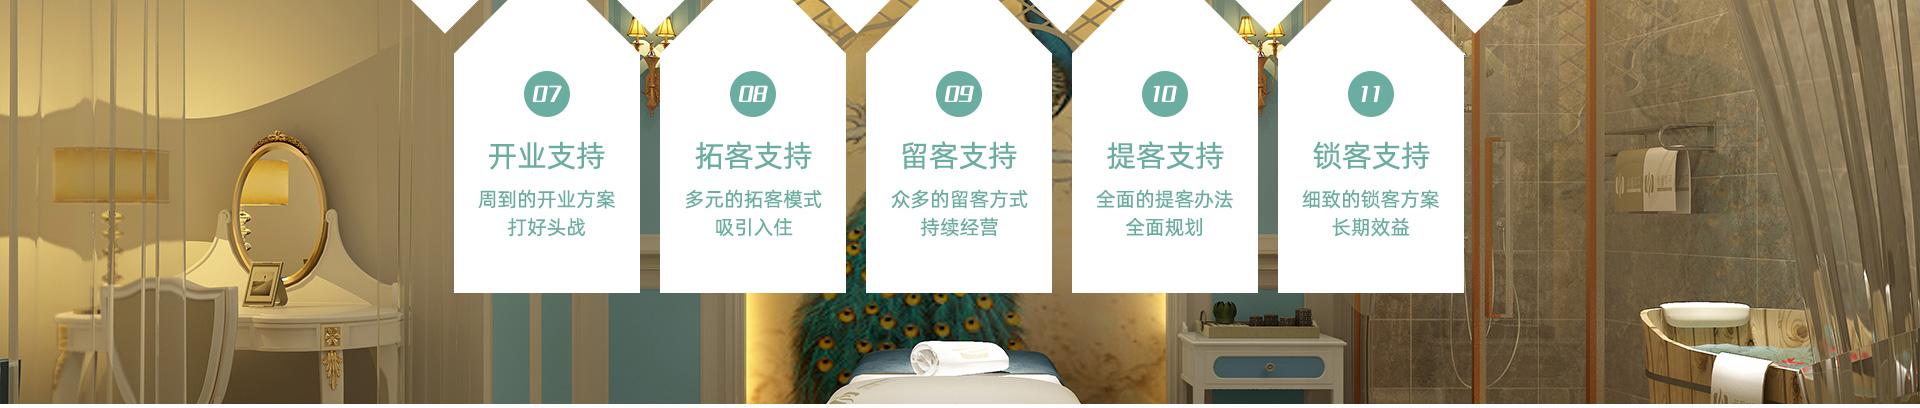 蘭馨美孕产后复龄中心详情页_14